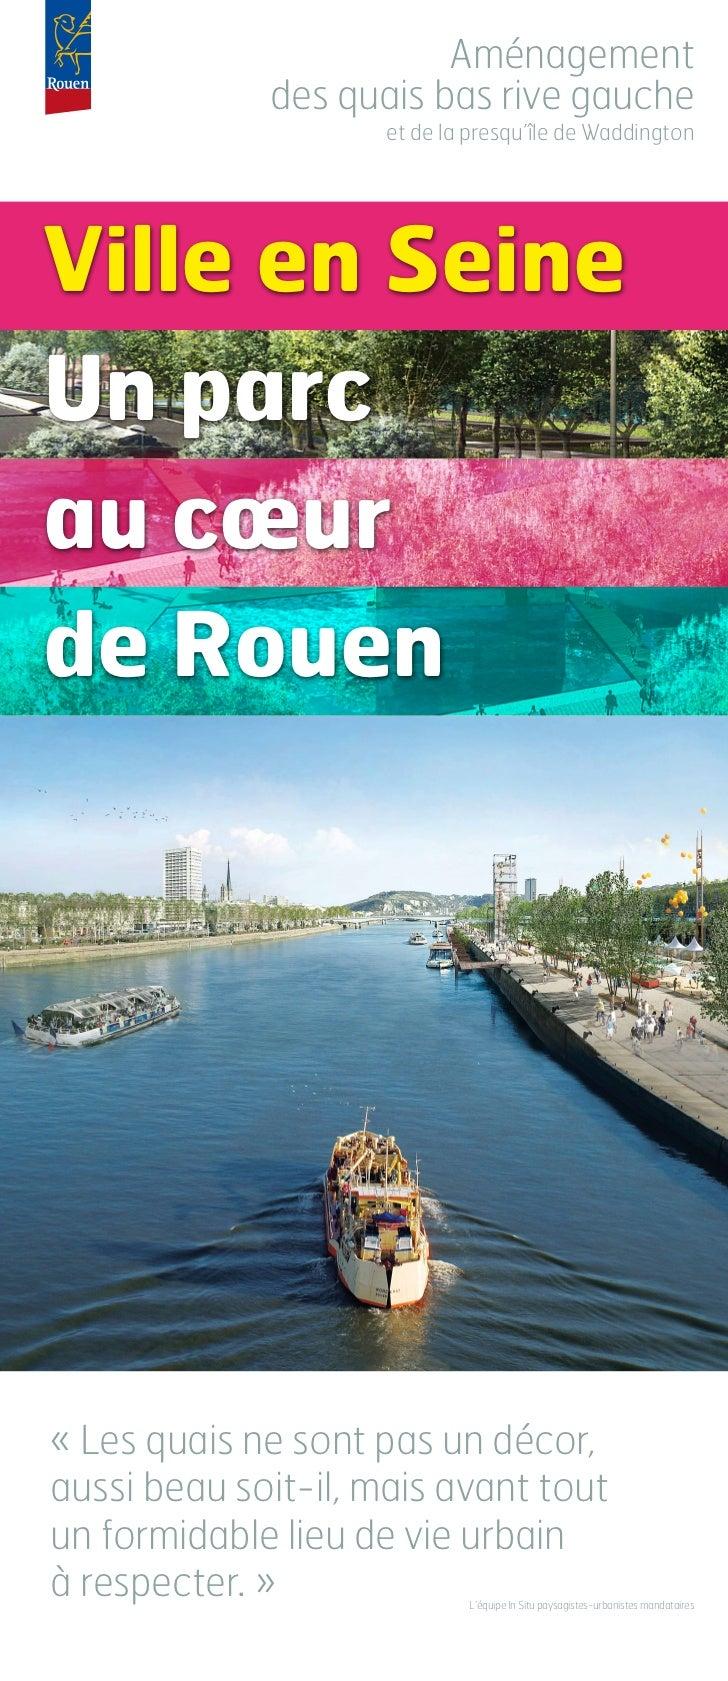 Ville en Seine - Aménagement des quais rive gauche